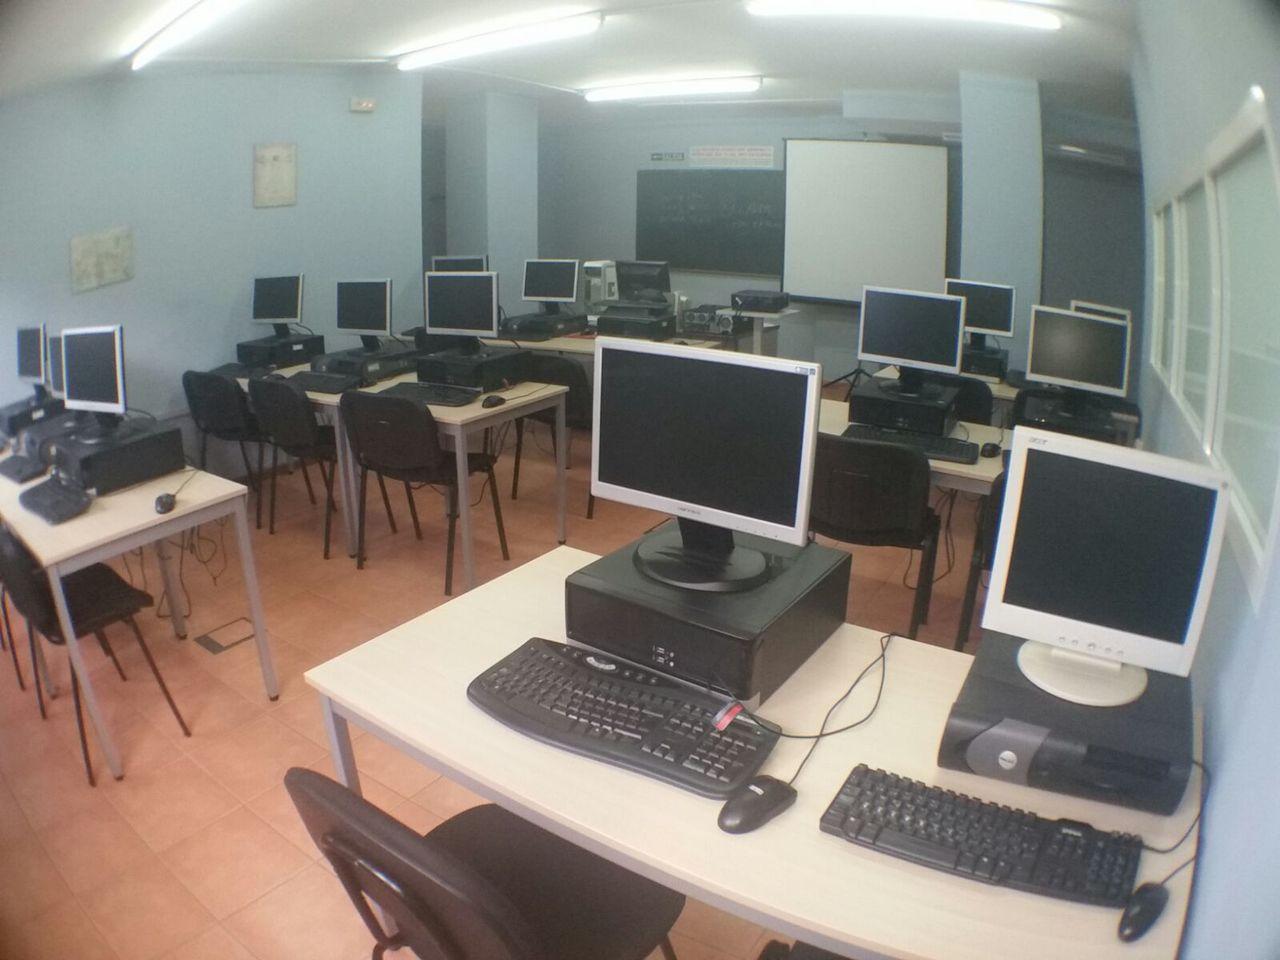 Academia mc centro de formaci n en caceres oposiciones for On centro de formacion